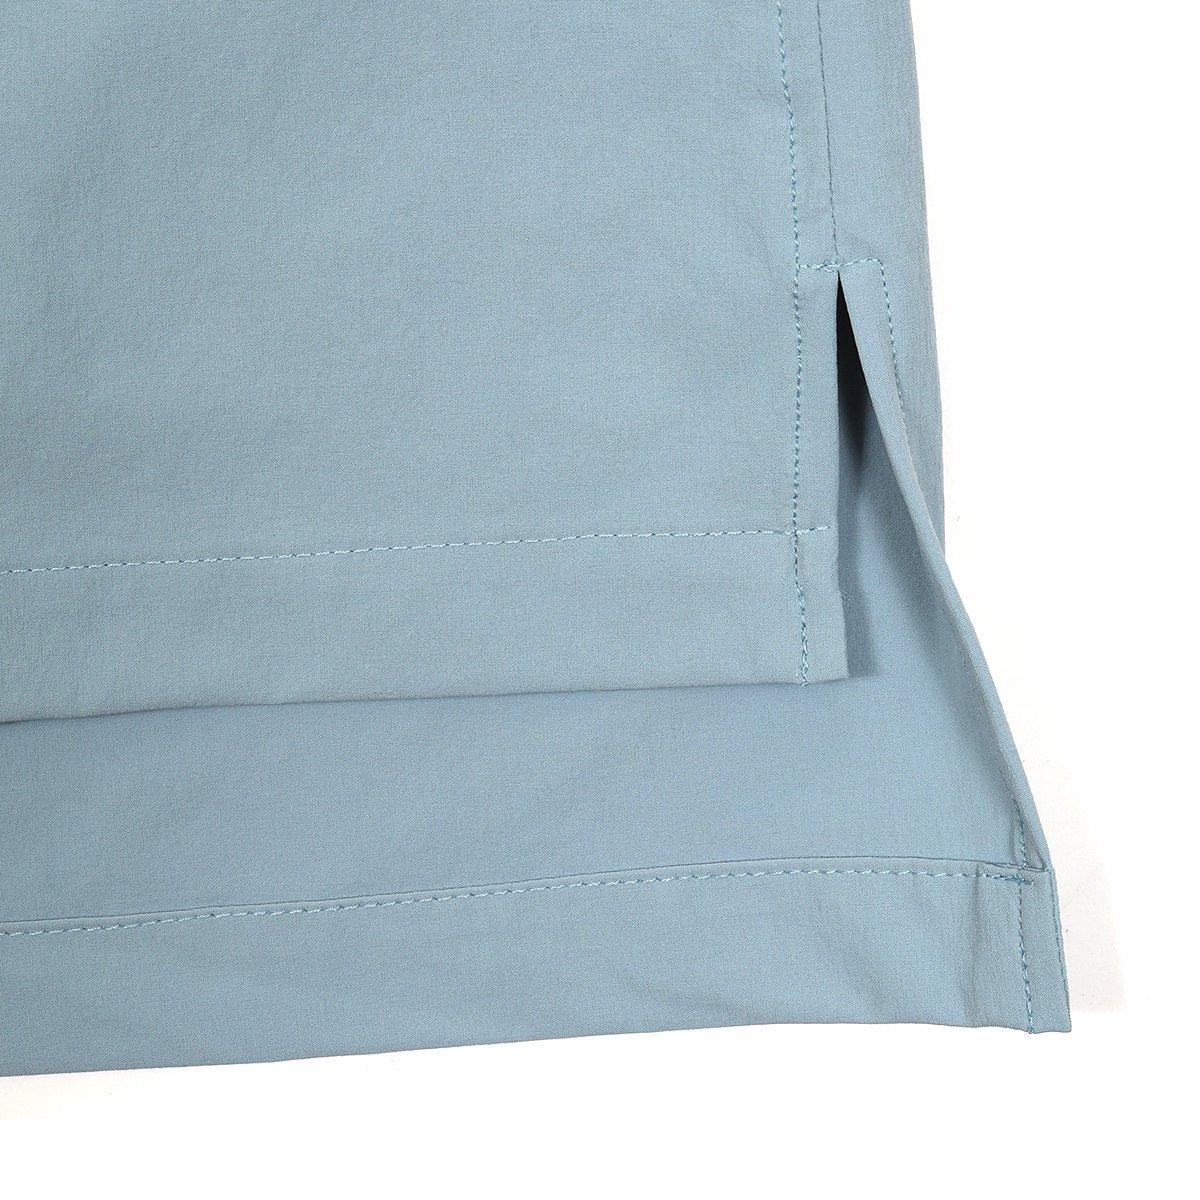 S/S W Pocket Shirts 詳細画像22